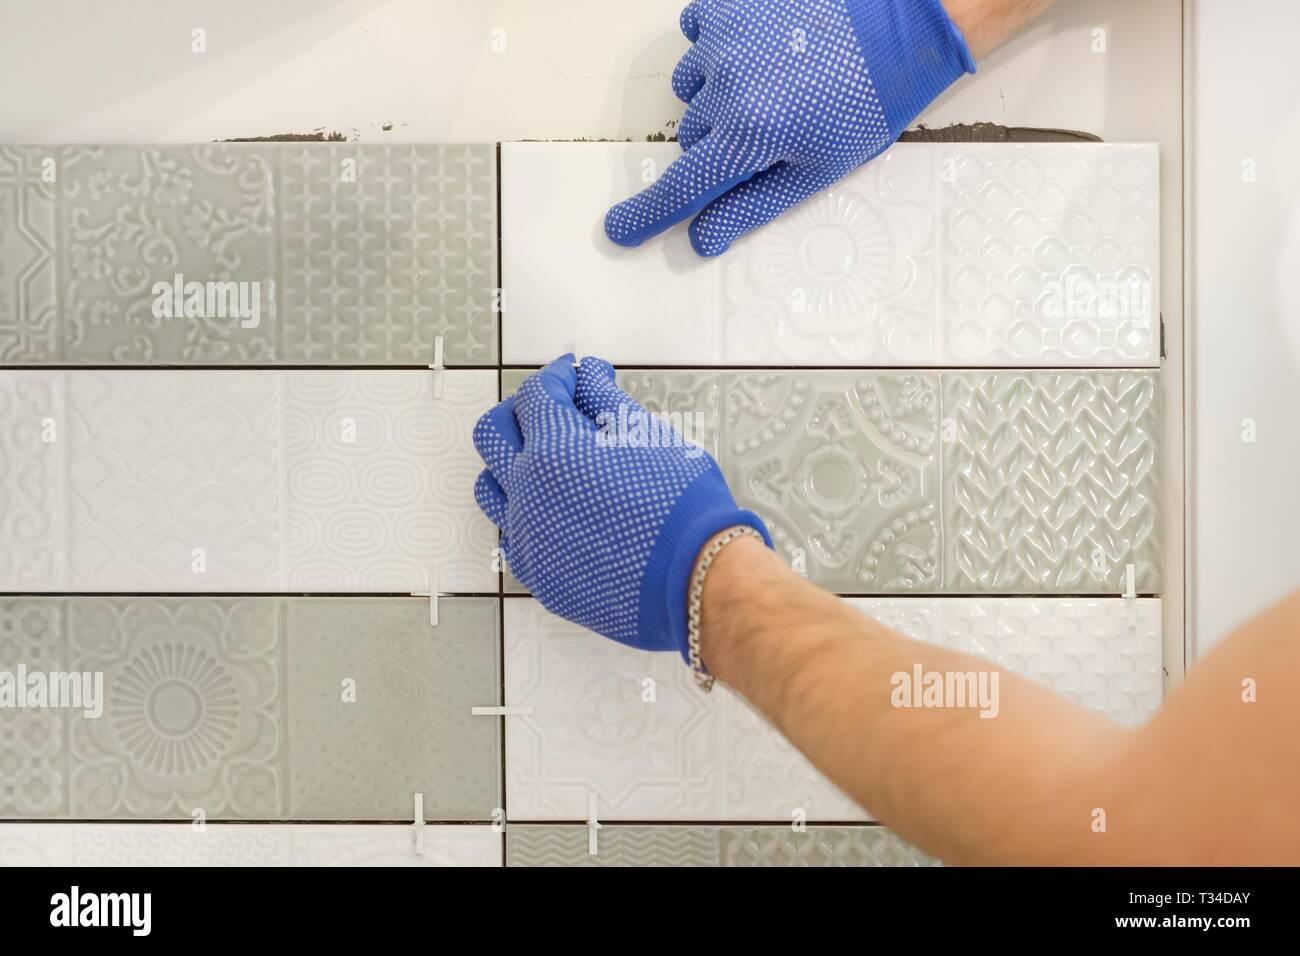 Installazione di piastrelle in ceramica sulla parete in cucina